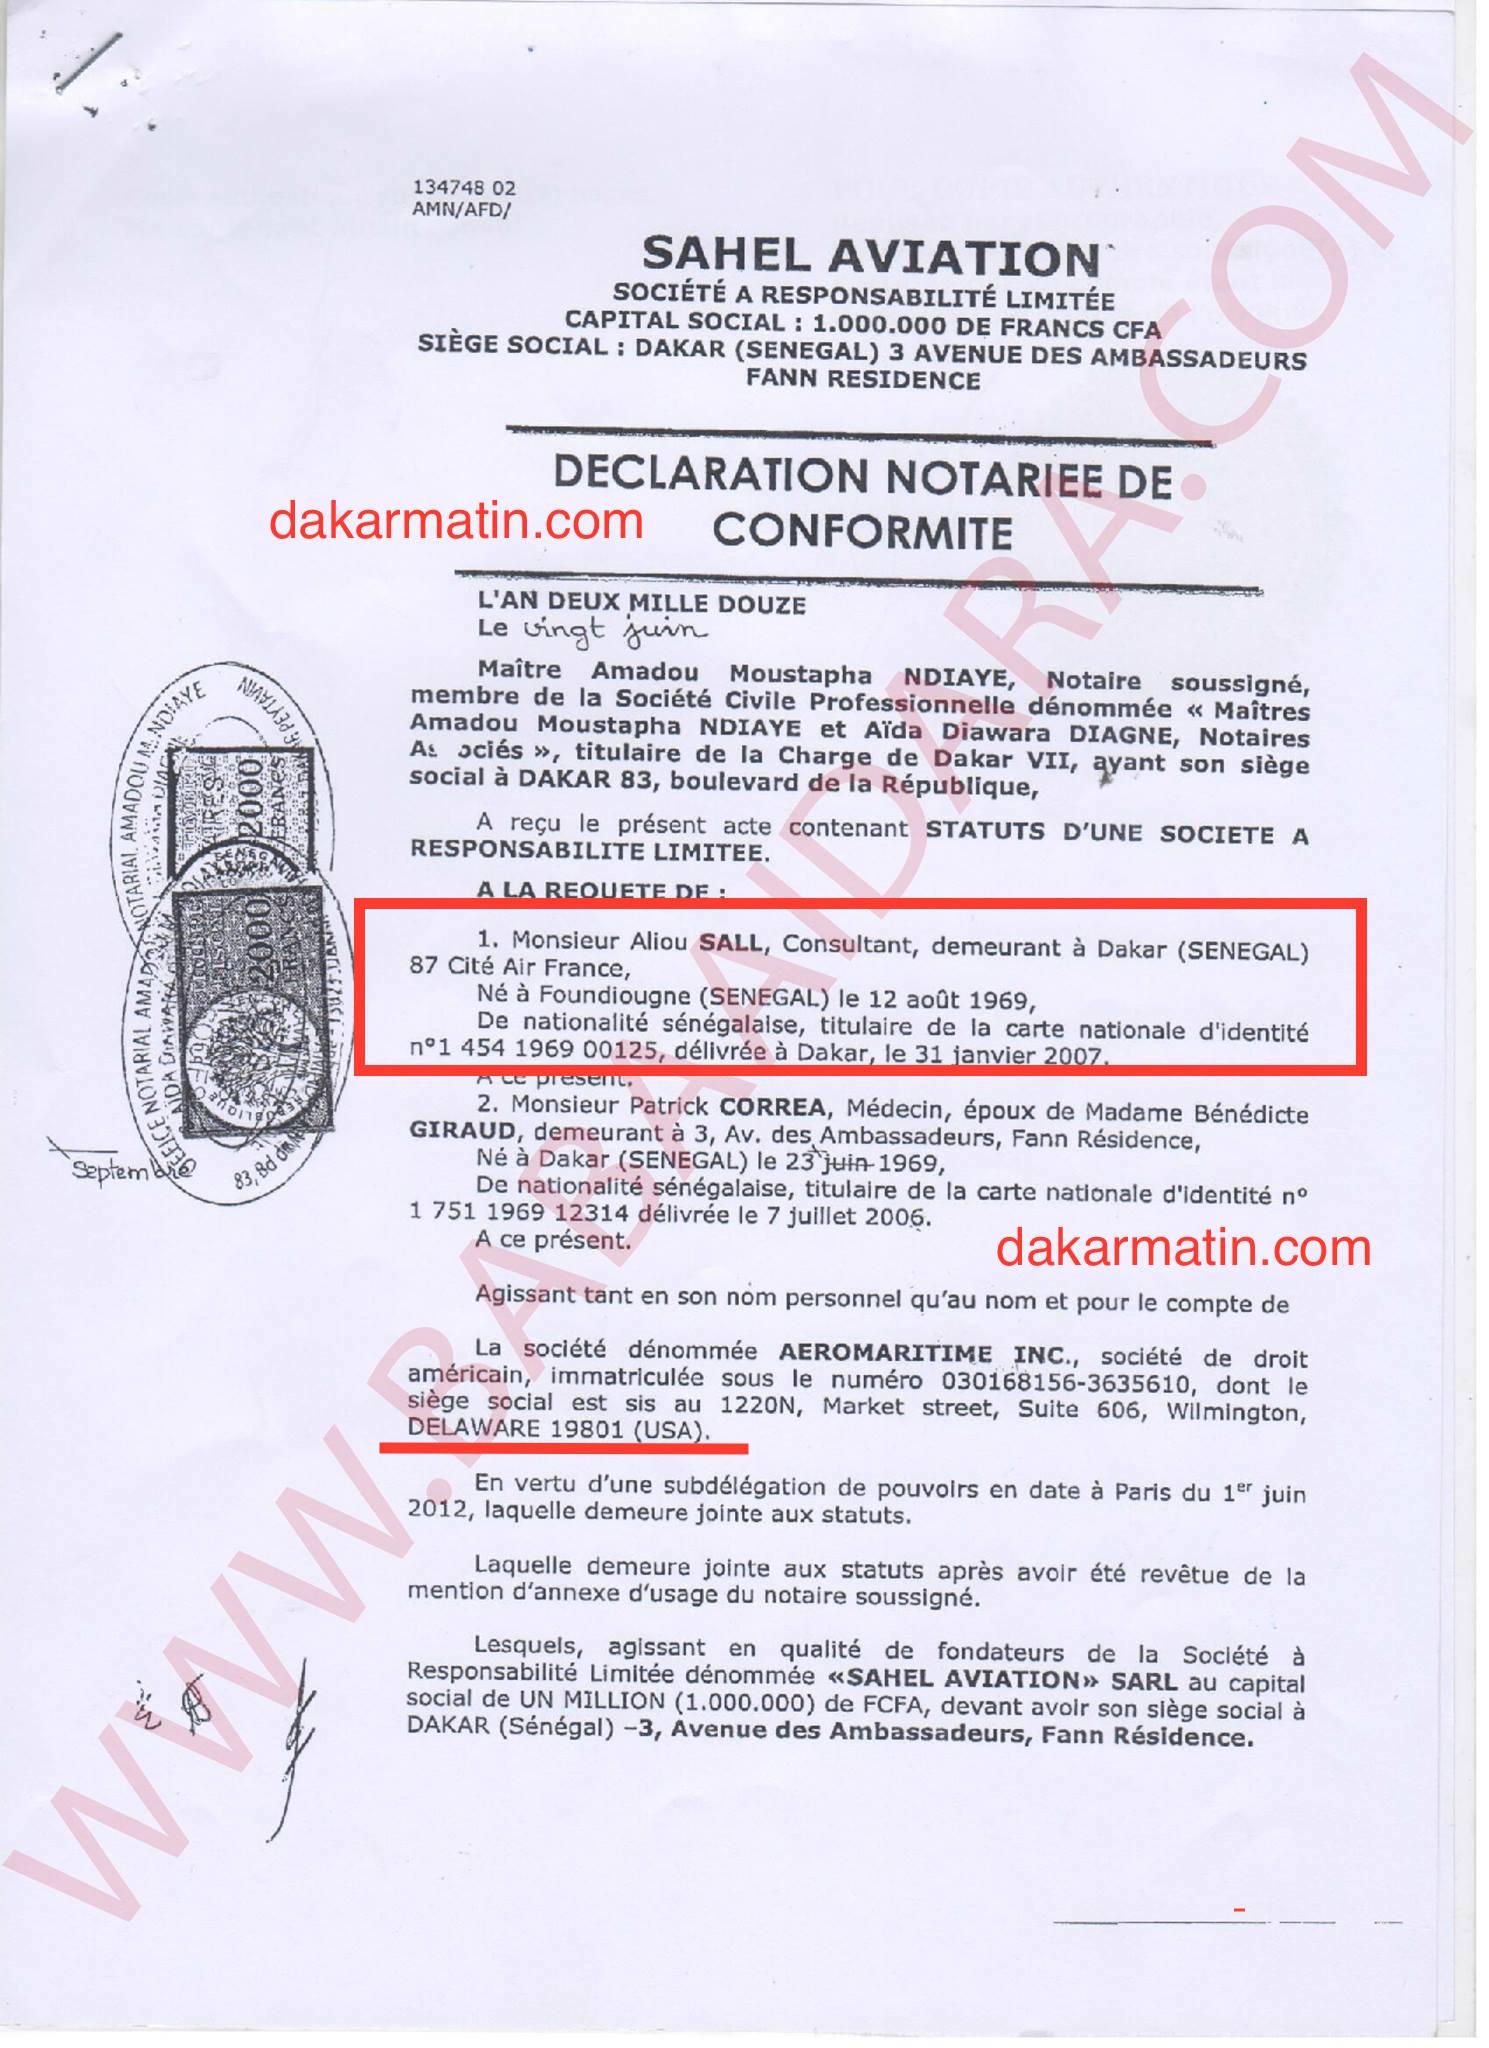 Création d'une entreprise d'aviation par Aliou Sall : Les preuves accablantes (Document)